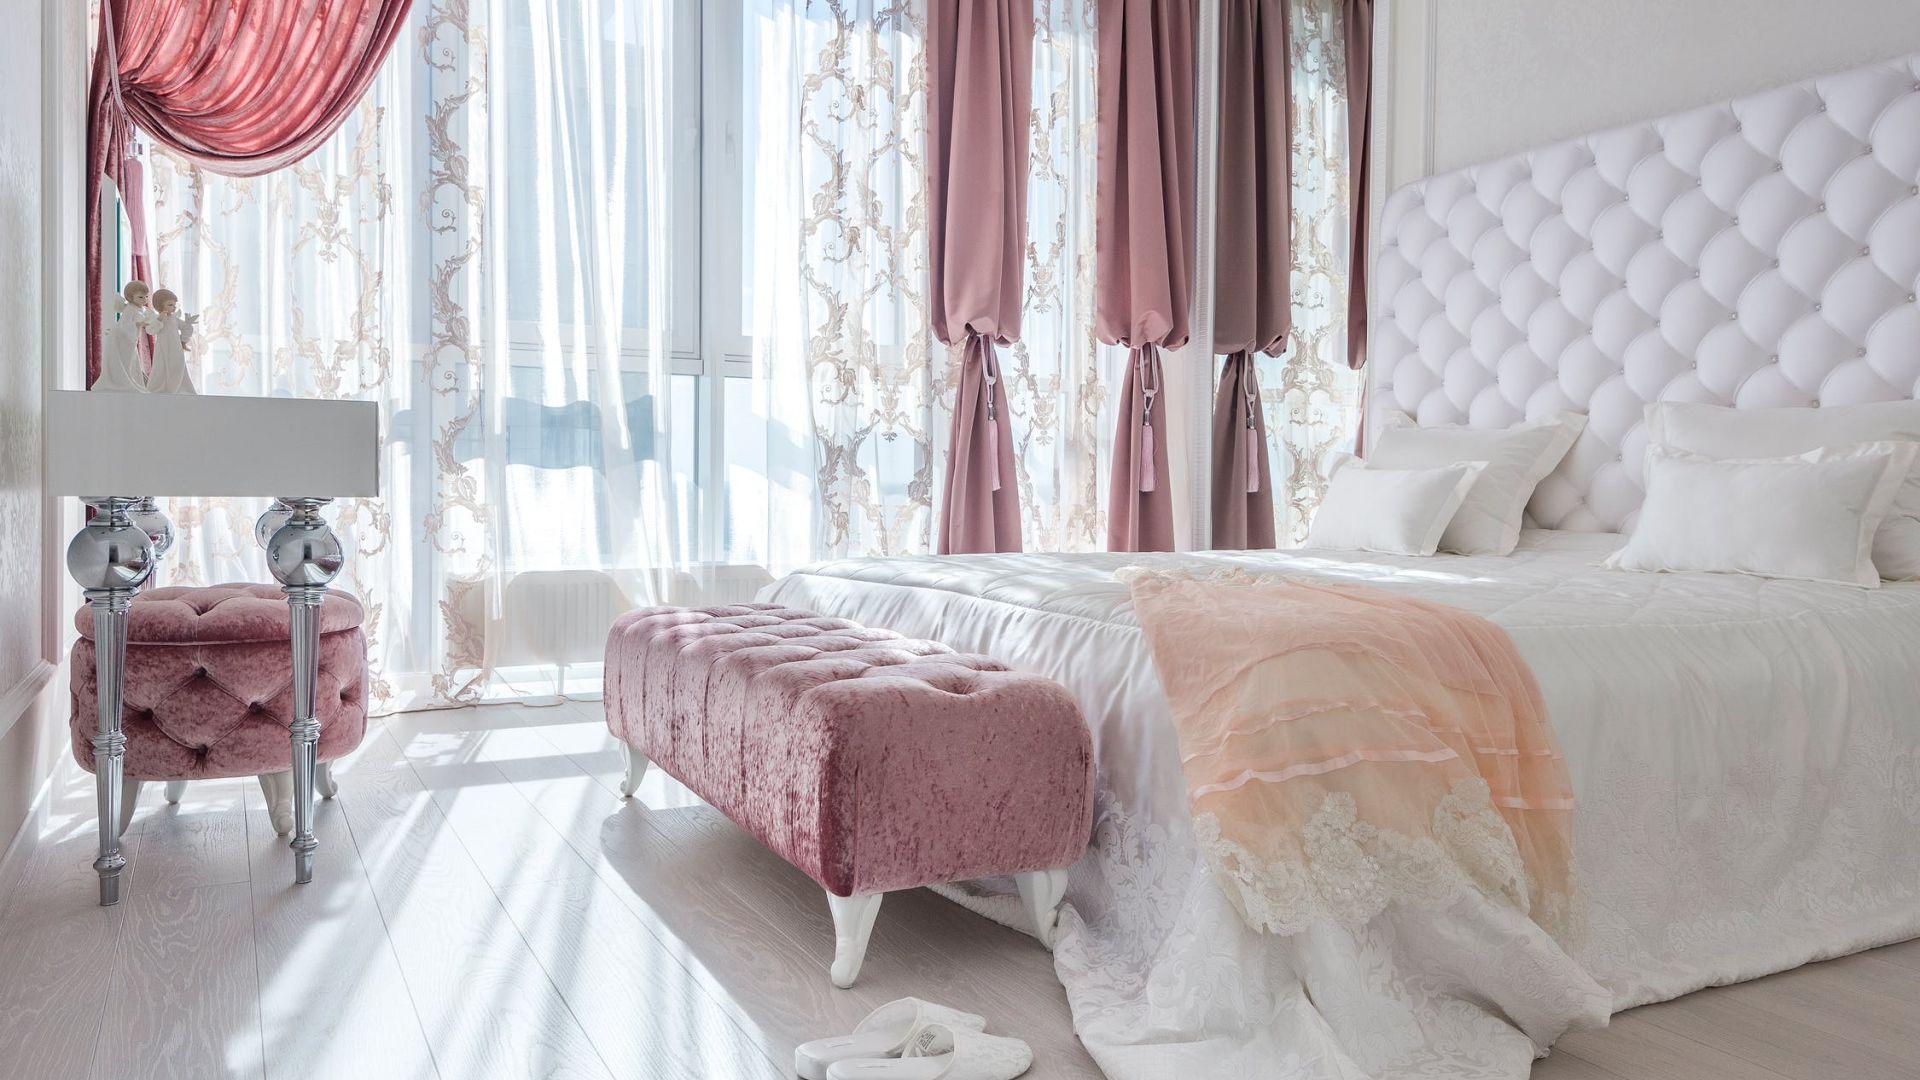 Копринено спално бельо: съвети за избор, предимства и недостатъци